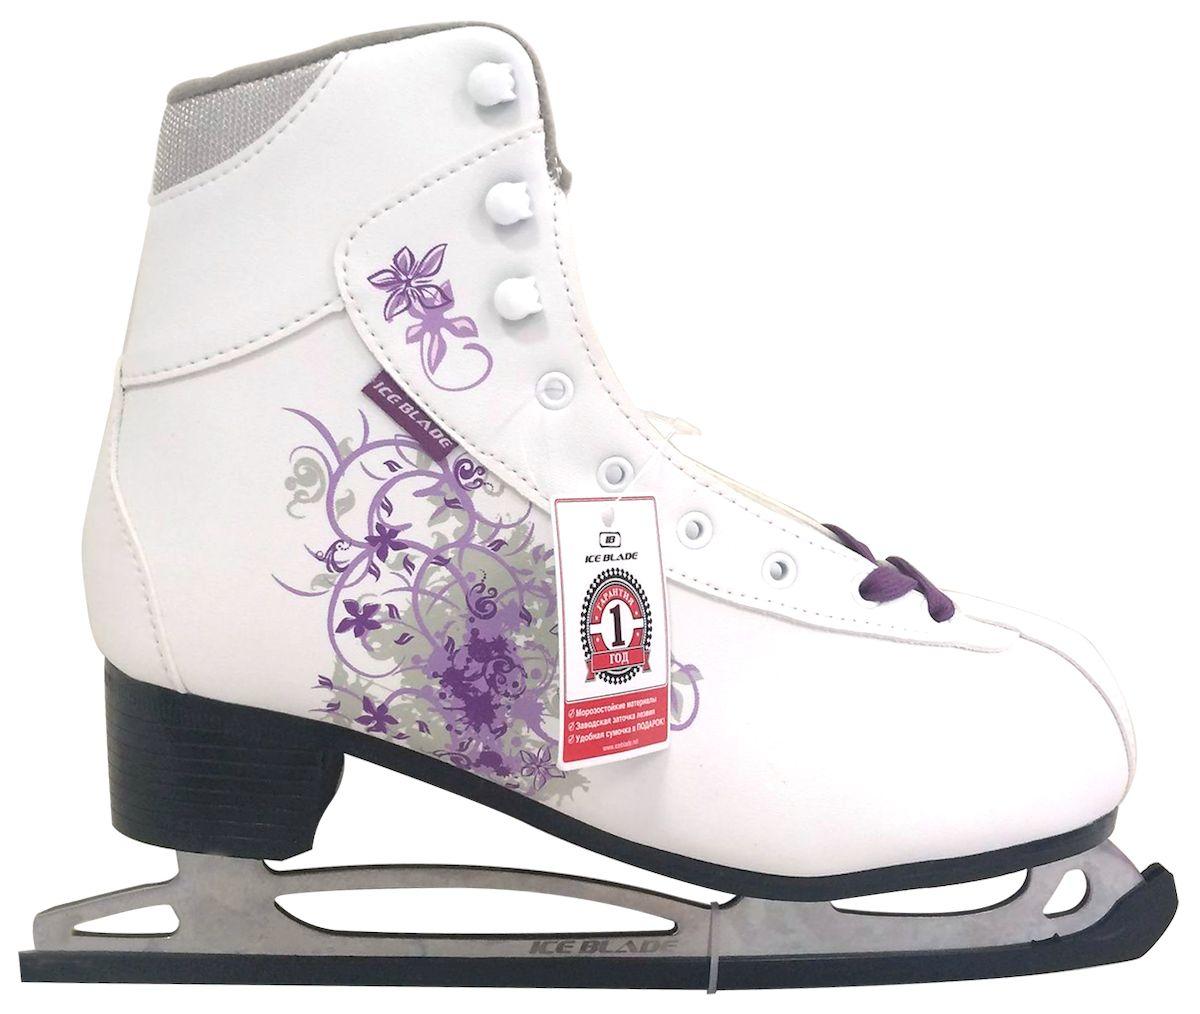 Коньки фигурные Ice Blade Sochi, цвет: белый, фиолетовый. УТ-00004988. Размер 43PW-221Коньки классической формы Ice Blade Sochi - прекрасные коньки, на создание которых технологов и дизайнеров Ice Blade вдохновили зимние Олимпийские игры 2014 в Сочи.Данные фигурные коньки предназначены для любительского катания. Они не только надежны и комфортны в использовании, но и отличаются прекрасным дизайном. Они выполнены из высококачественной искусственной кожи, обработанной защитным составом, предотвращающим негативное воздействие влаги.Ботинок очень удобен, благодаря своей анатомической конструкции, а его усиление надежно защищает голеностоп от повреждений. Ботинок изготовлен из особой высококачественной искусственной кожи и обладает высокой прочностью.Внутренняя часть ботинка выполнена из искусственного меха. Лезвие изготовлено из высокоуглеродистой стали с покрытием из никеля, что уменьшает вероятность коррозии металла.Яркий дизайн, удобный ботинок с мягкой меховой подкладкой и поддерживающей конструкцией сделают катание безопасным и комфортным.